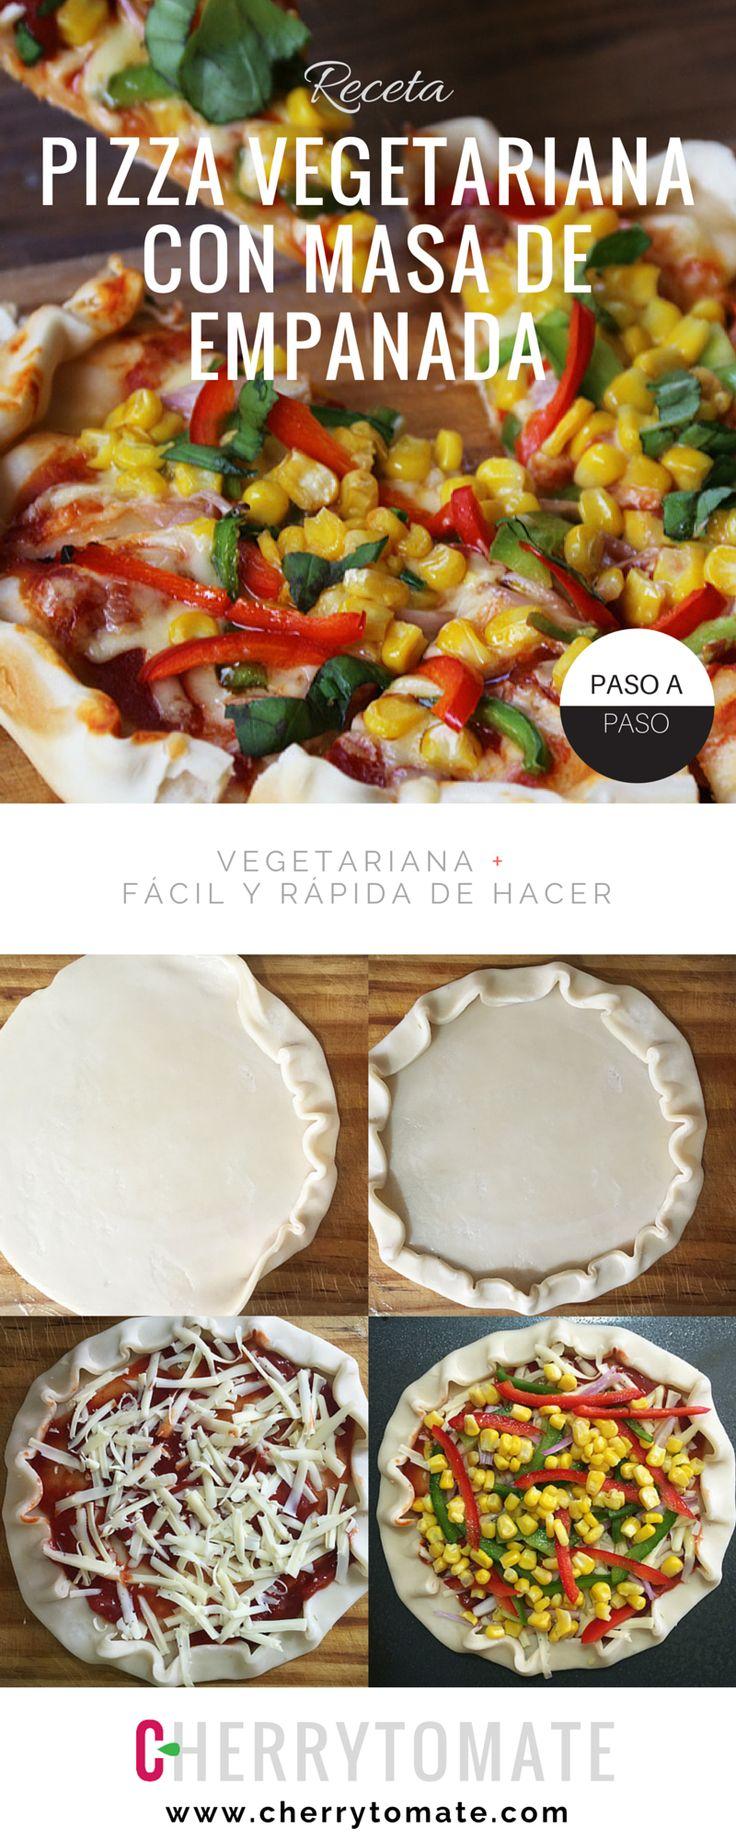 Receta de Pizza Vegetariana con Masa de Empanada - Muy fácil y rápida de hacer - La masa queda crujiente!